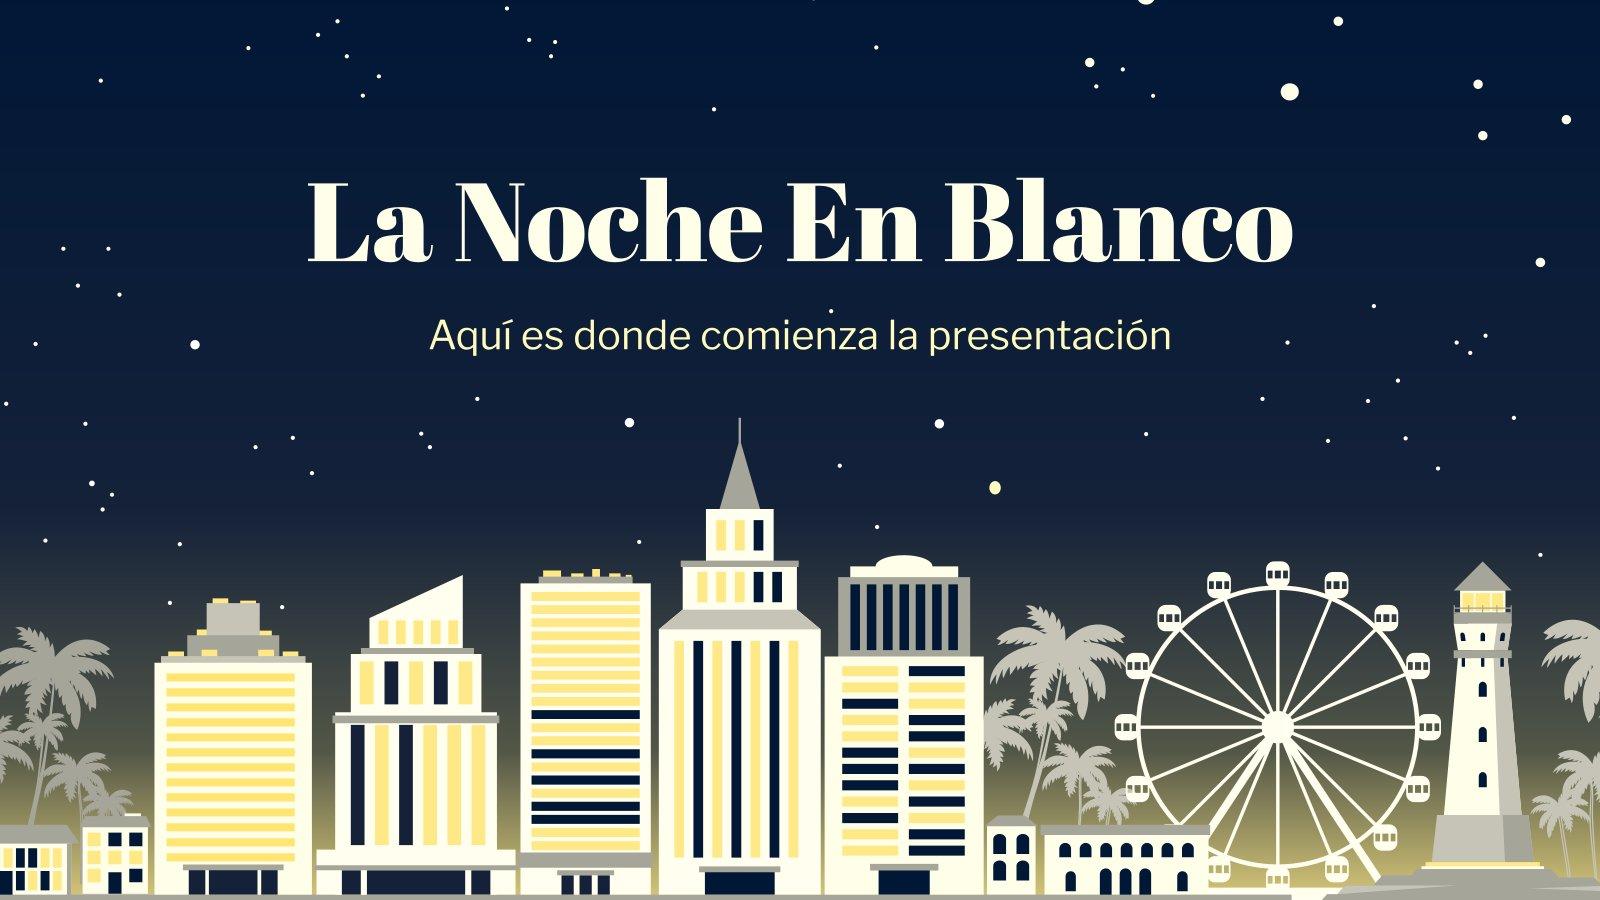 Plantilla de presentación La Noche En Blanco